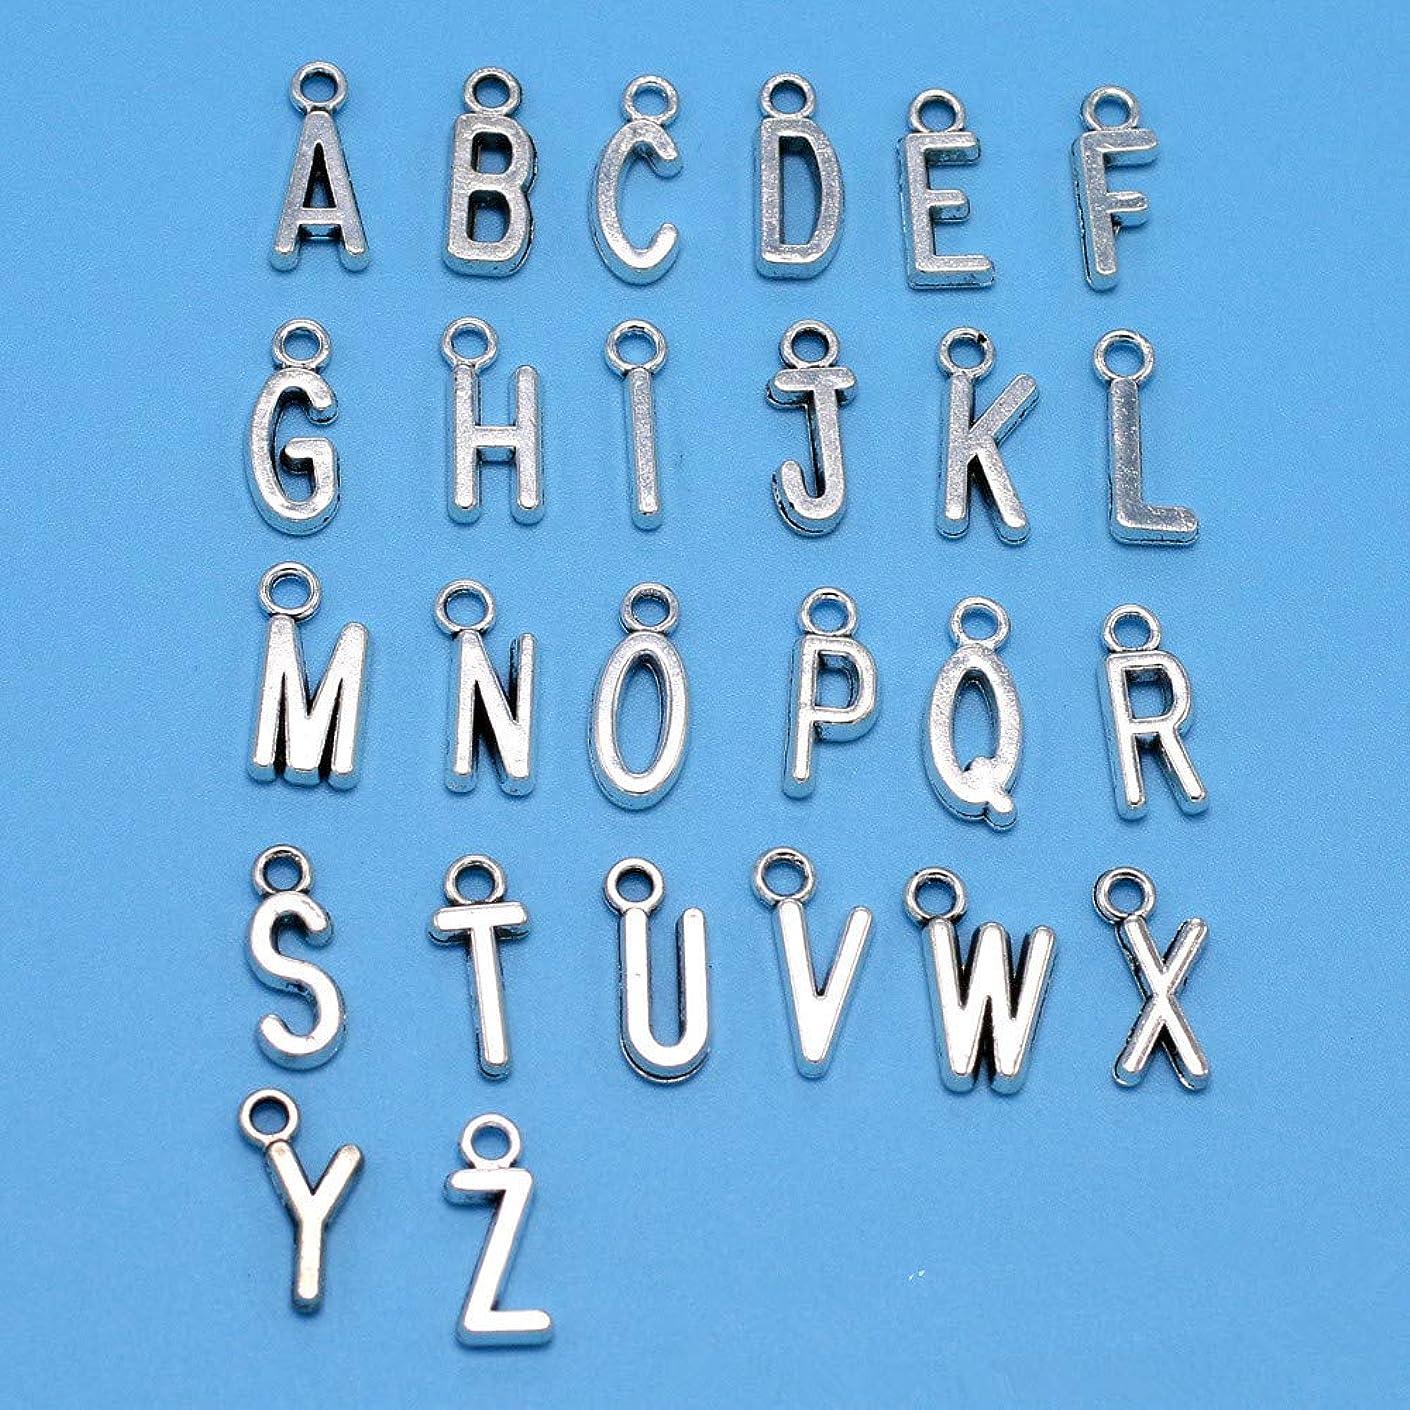 150pcs Mix Antique Silver ABC Letter/Alphabet Letter A-z Charms Alphabetic Pendant DIY Necklace Bracelet Jewelry Making